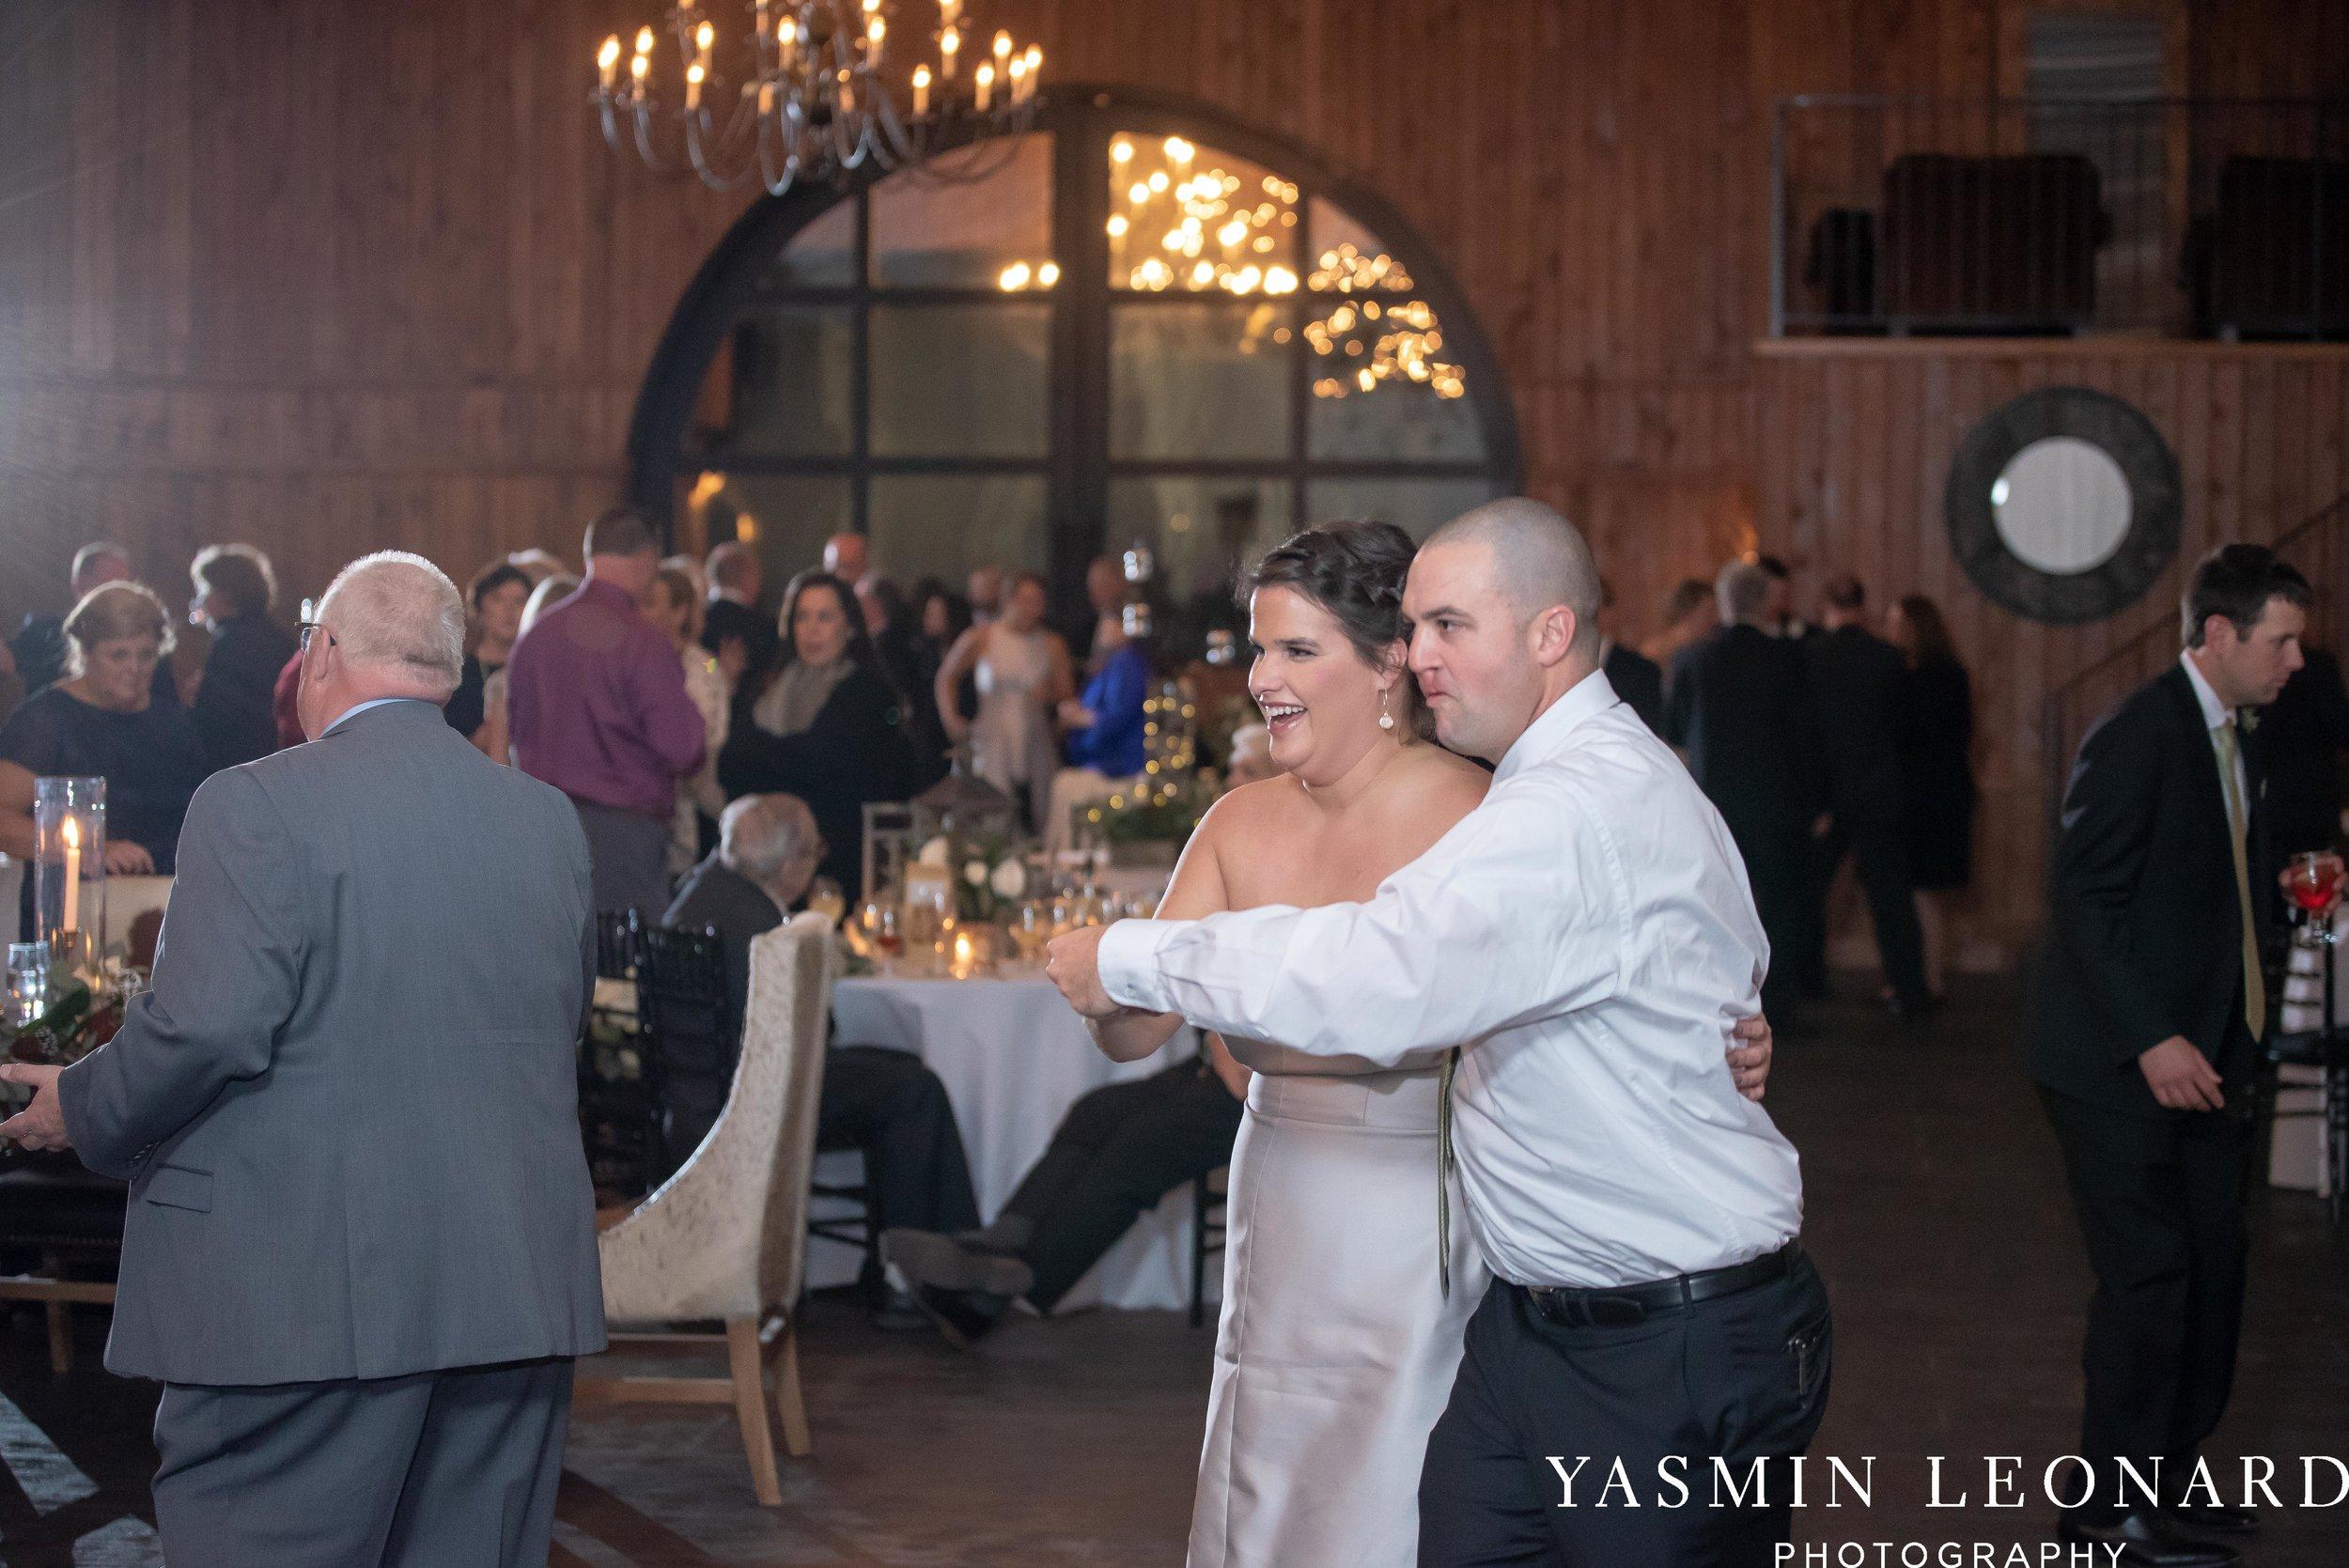 Adaumont Farm - Wesley Memorial Weddings - High Point Weddings - Just Priceless - NC Wedding Photographer - Yasmin Leonard Photography - High Point Wedding Vendors-66.jpg